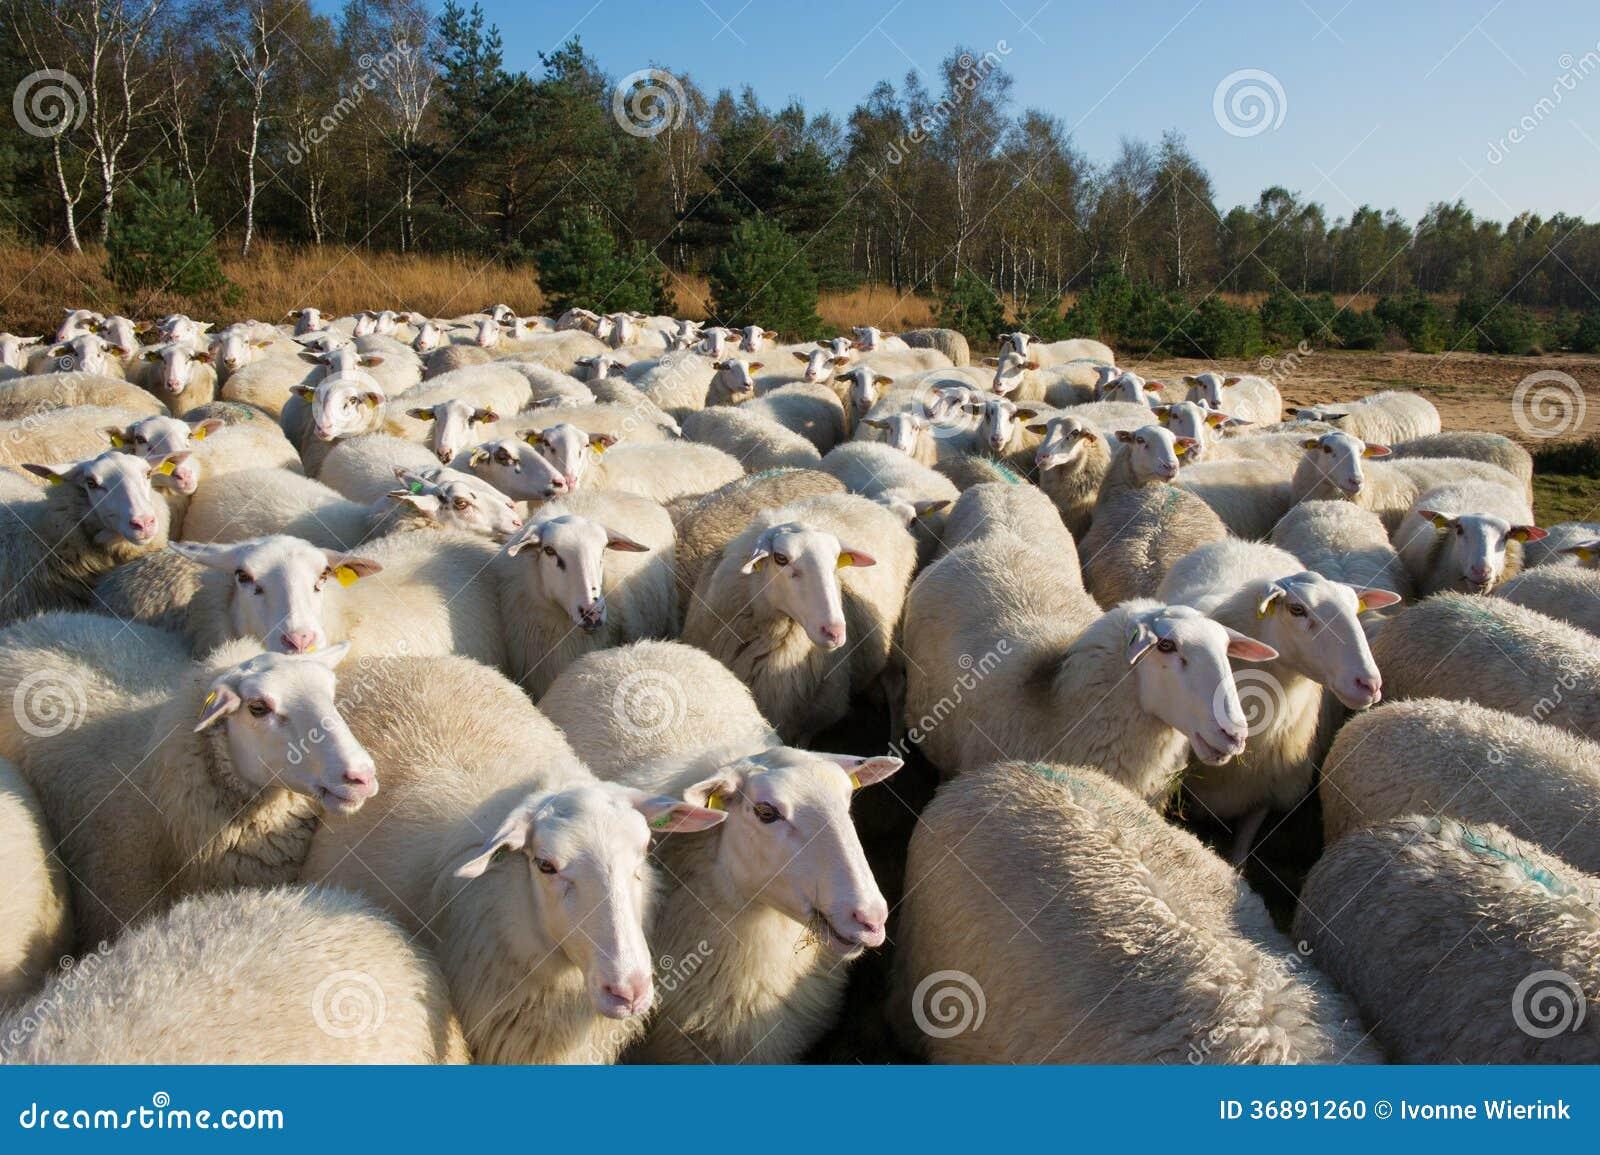 Download Pecore in Olanda fotografia stock. Immagine di moltitudine - 36891260